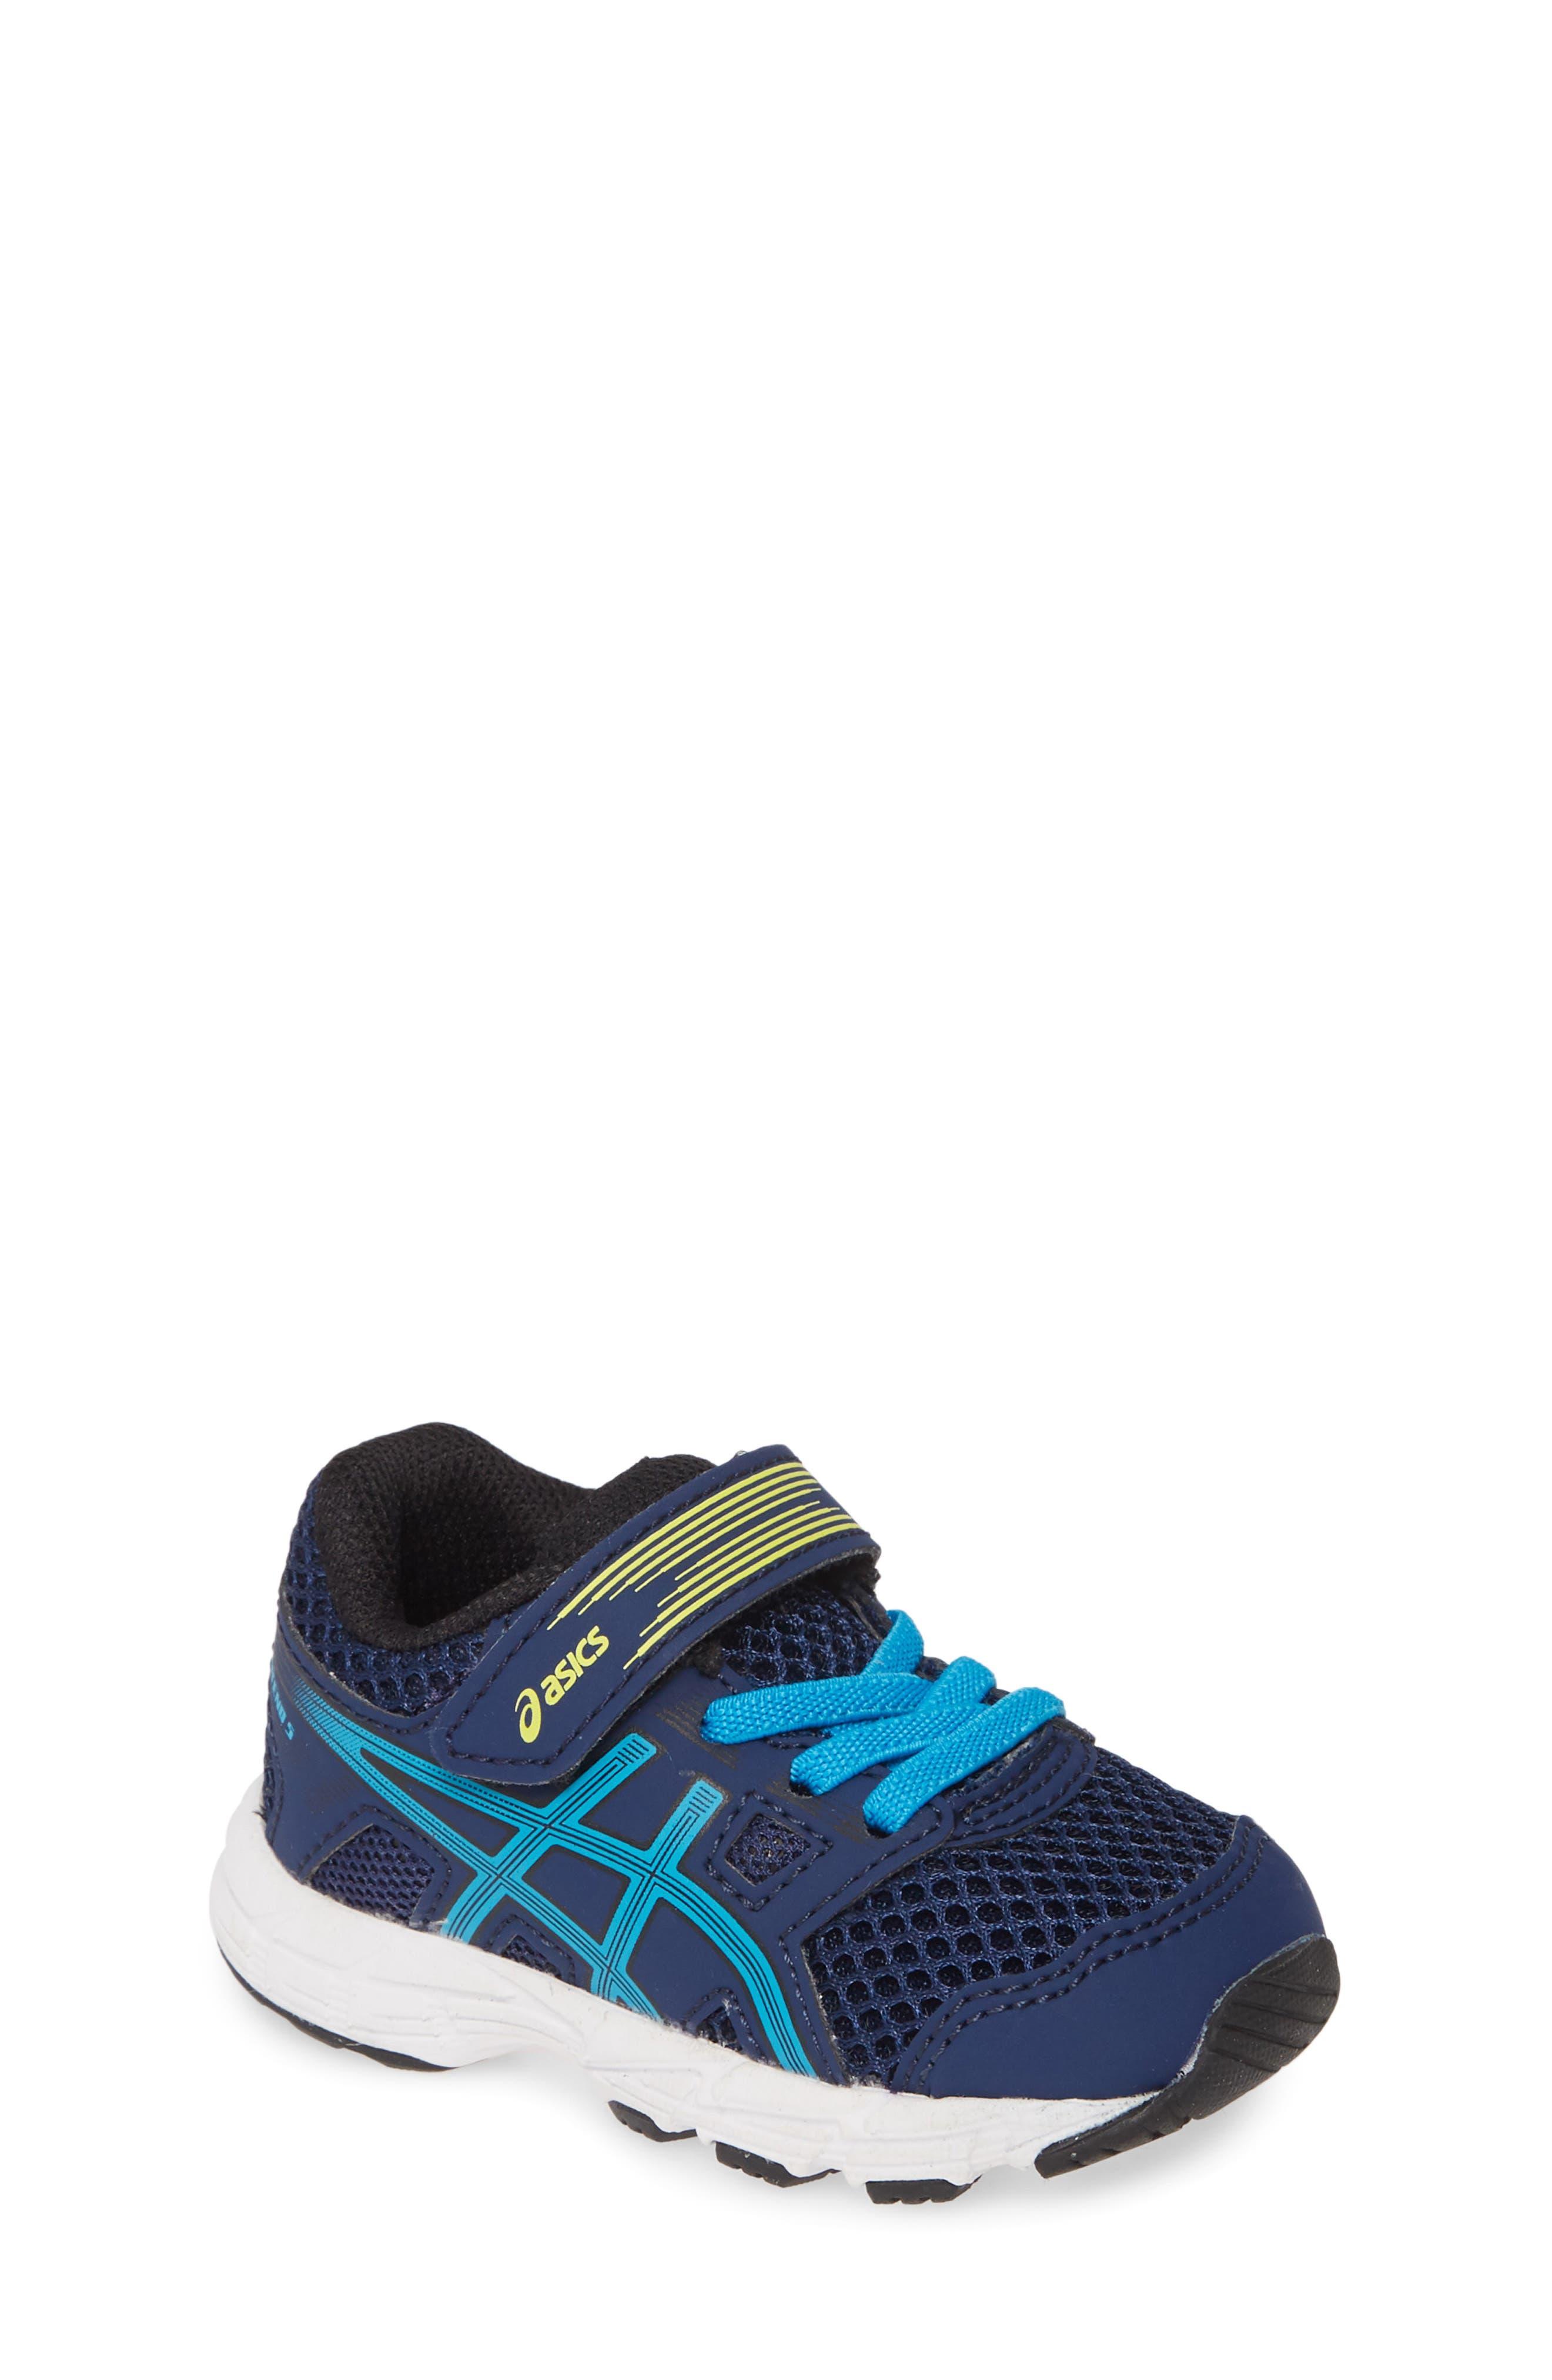 Boys Asics GelContend 5 Ts Running Sneaker